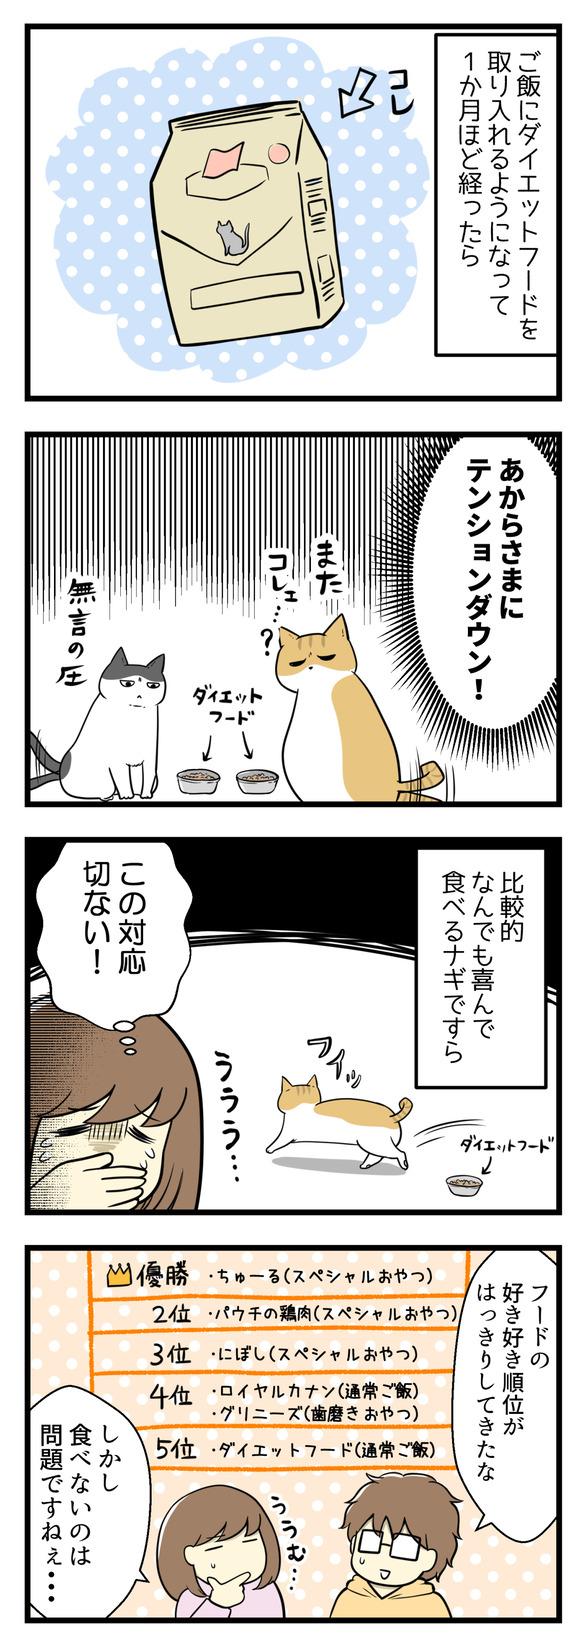 猫のご飯にダイエットフードを取り入れるようになって1か月・・・猫たちがあからさまにテンションダウンしています!比較的何でも喜んで食べるナギすらもふいっと見向きもしなくてショック・・・!フードの好き順位がはっきりしてきました。しかし食べないのは問題です・・・